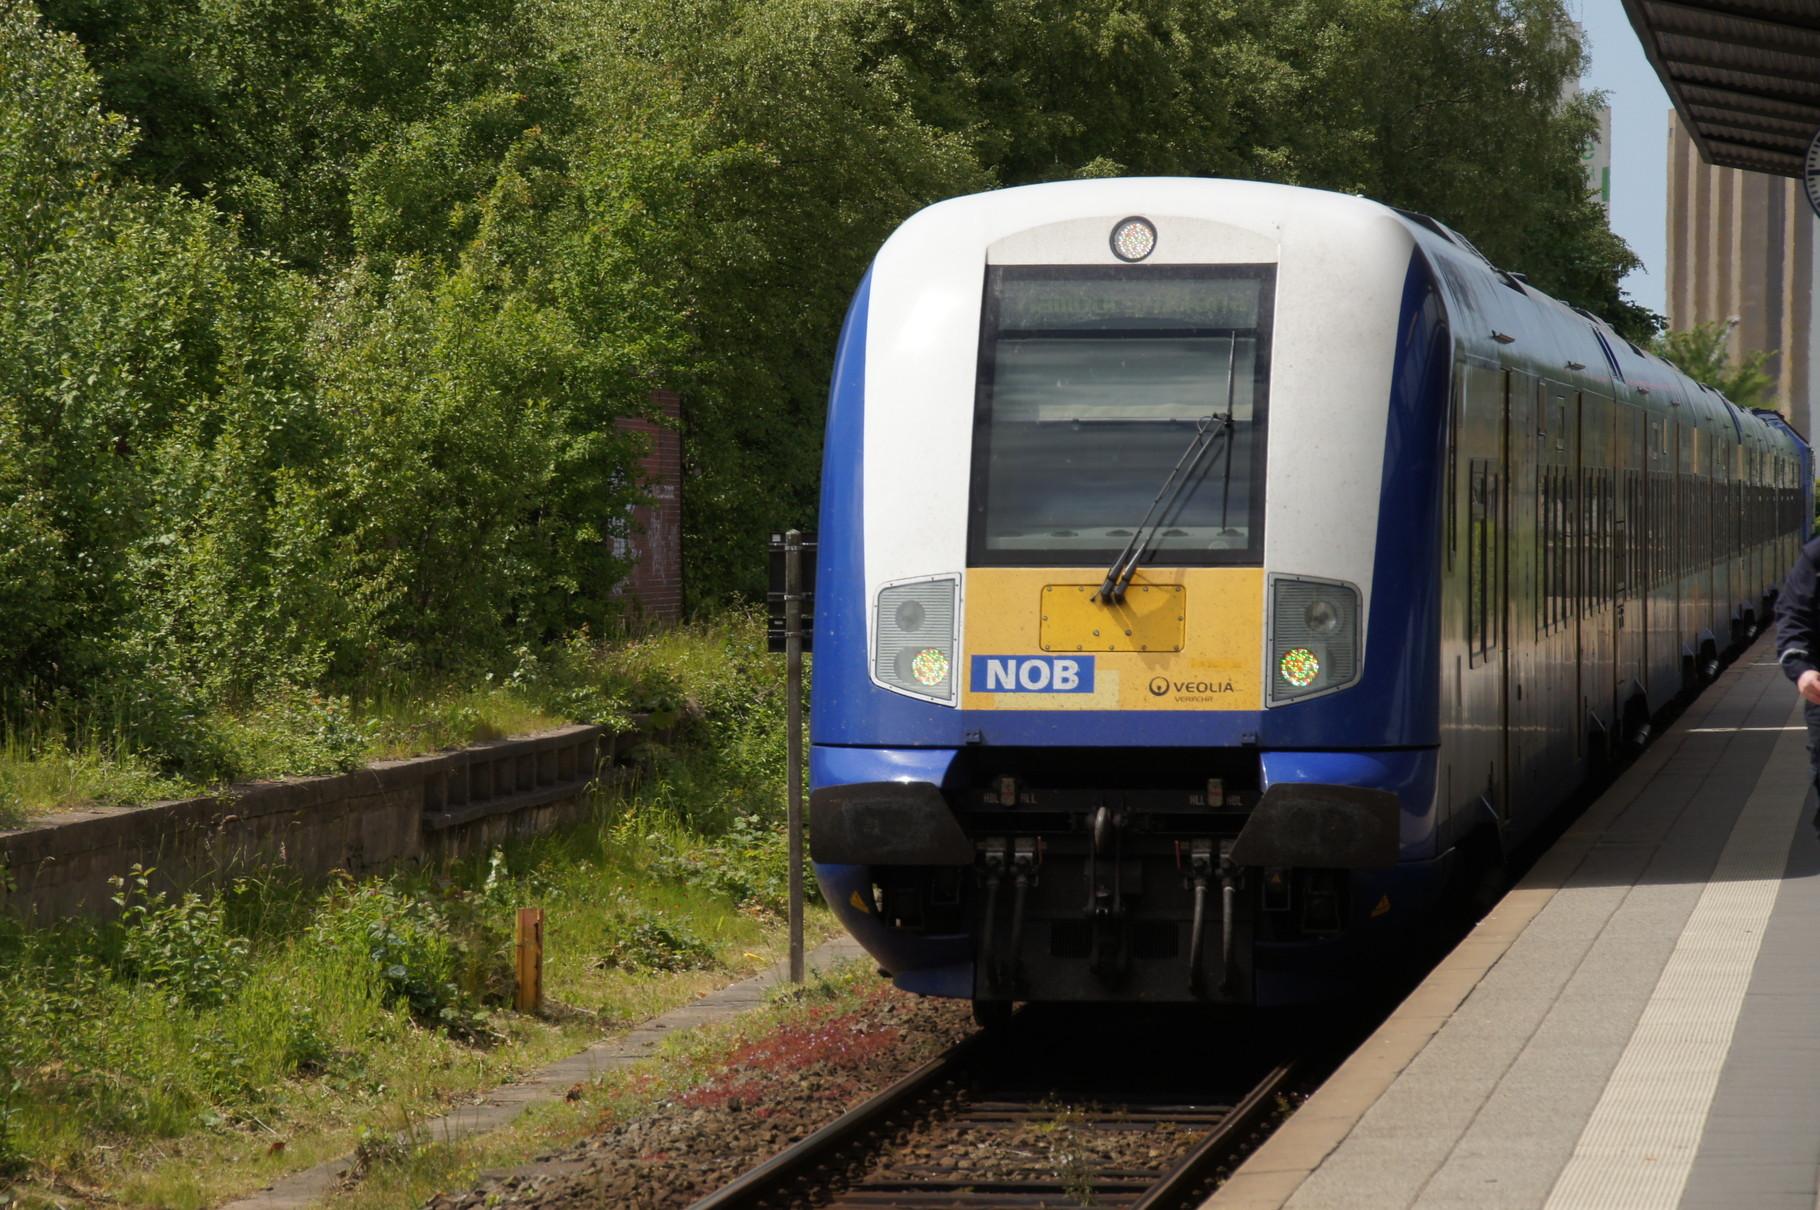 Einfahrt des Zuges nach Amburg-Altona. An der Spitze ein Bombardier Steuerwagen an der Spitze eines Zuges von Husum nach Hamburg-Altona